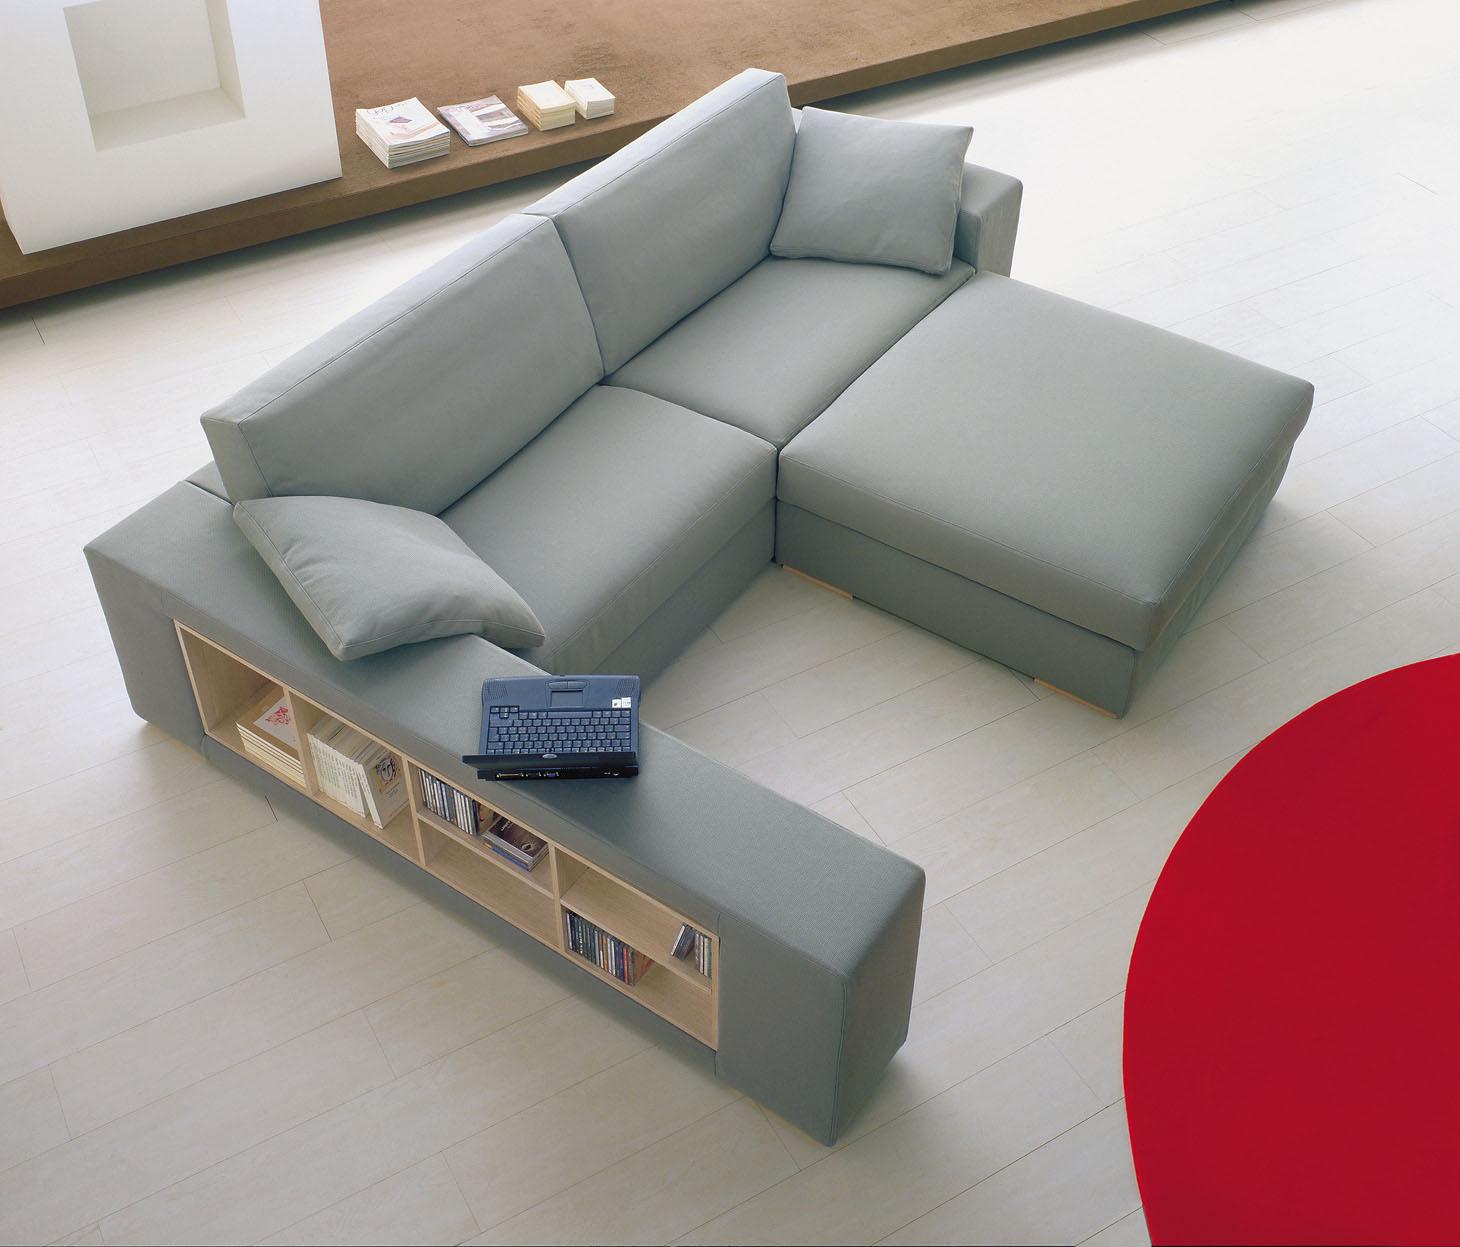 Divani e divani letto su misura acquistare un divano su misura for Divani e divani divani letto